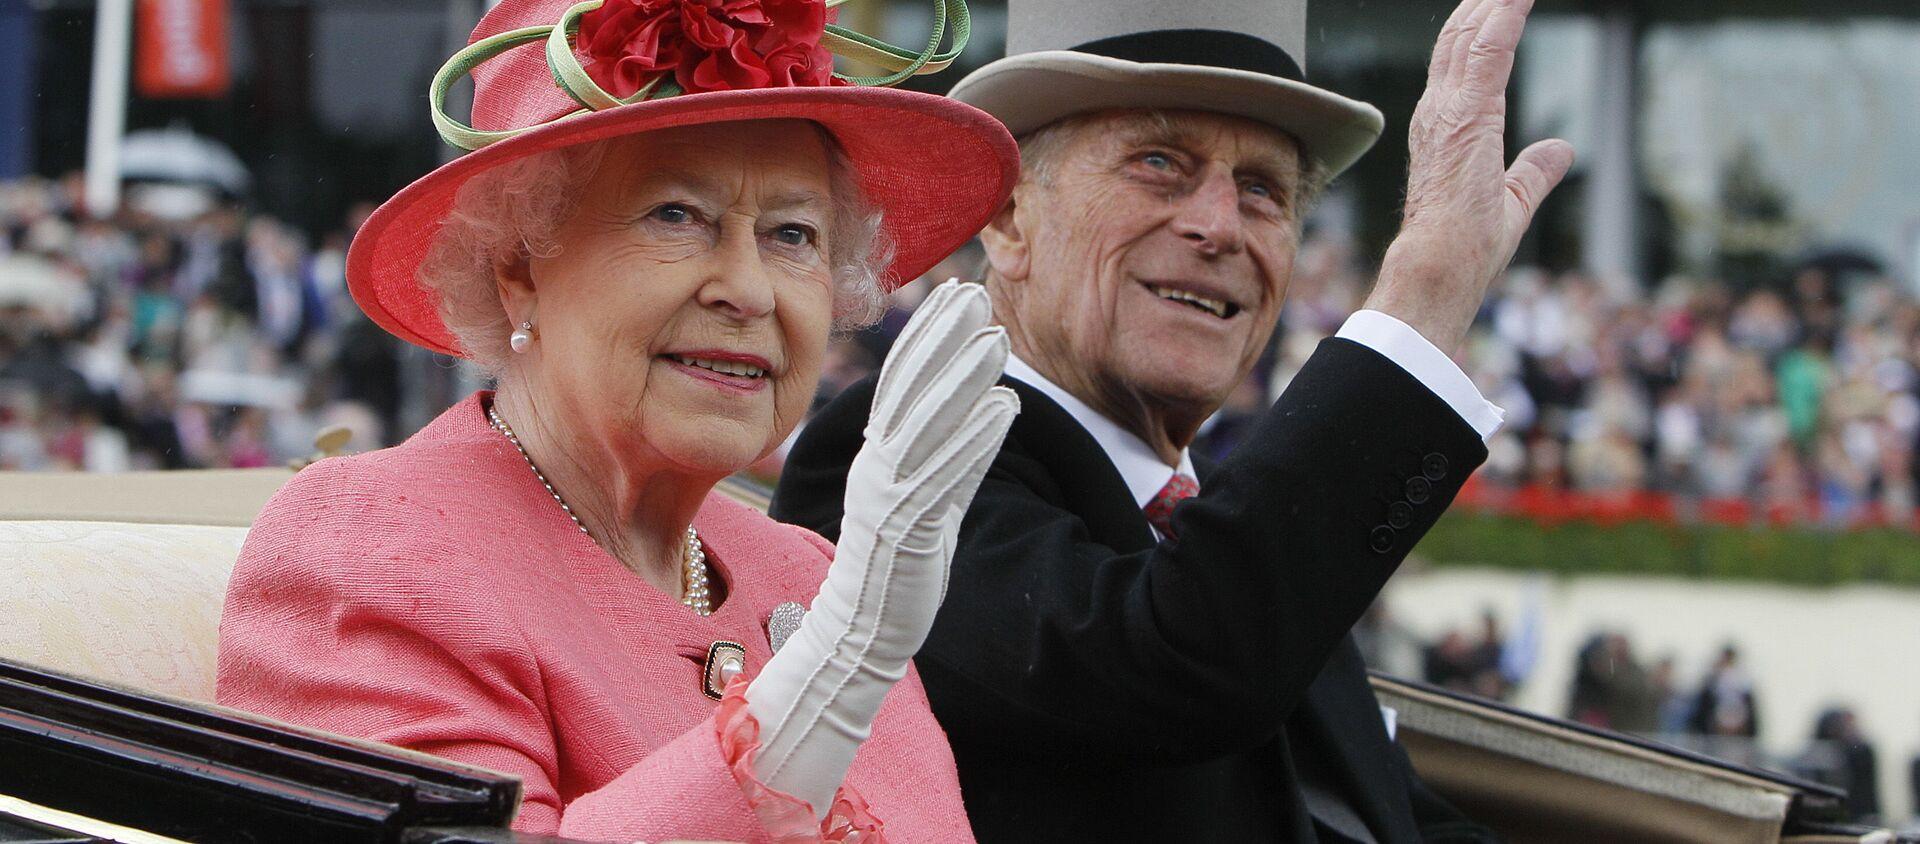 Elżbieta II i jej mąż książę Filip odwiedzają wyścigi konne, 2011 rok - Sputnik Polska, 1920, 11.04.2021